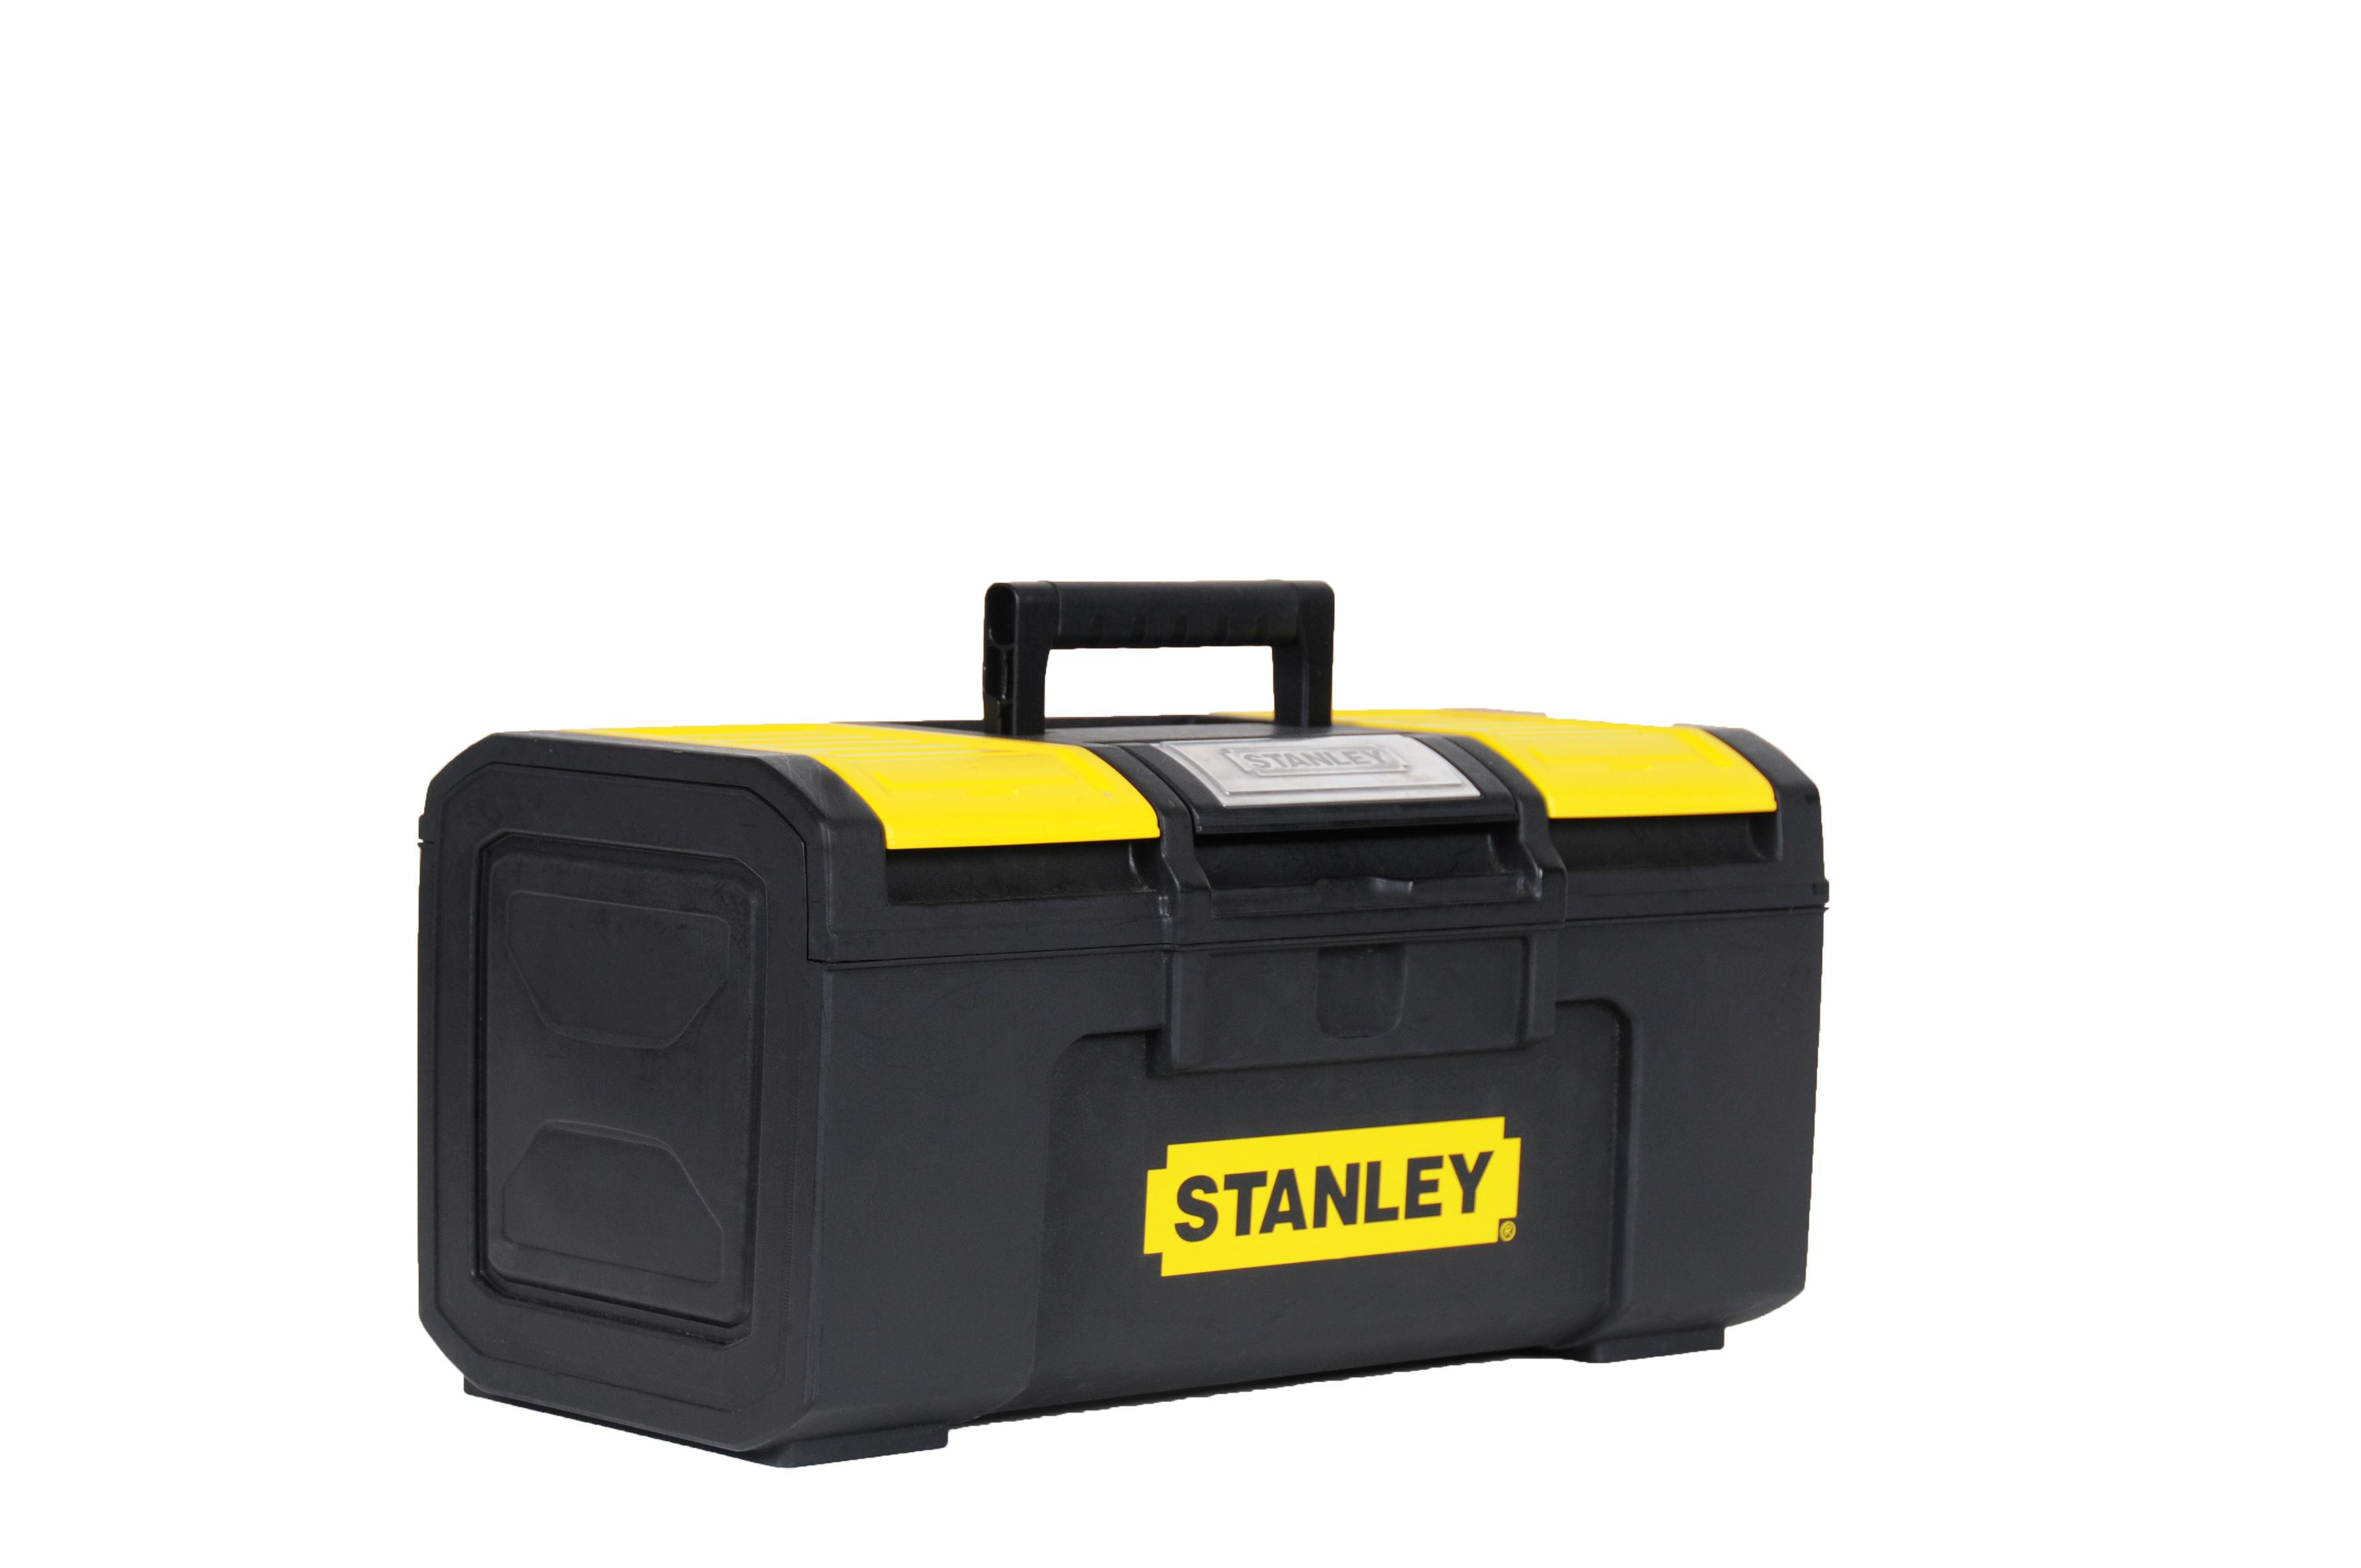 792161 Toolbox Basic 16 tolline, St..